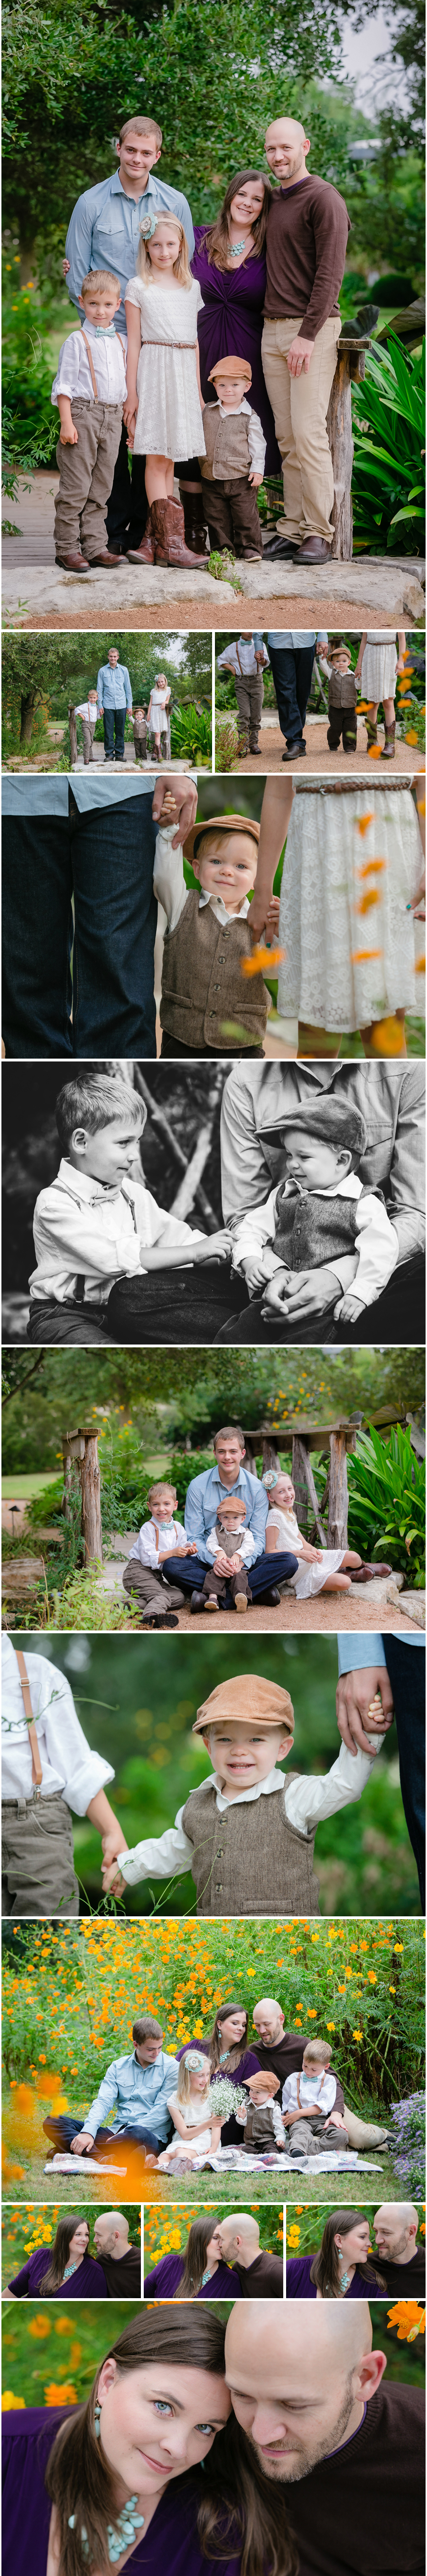 stradtner_family